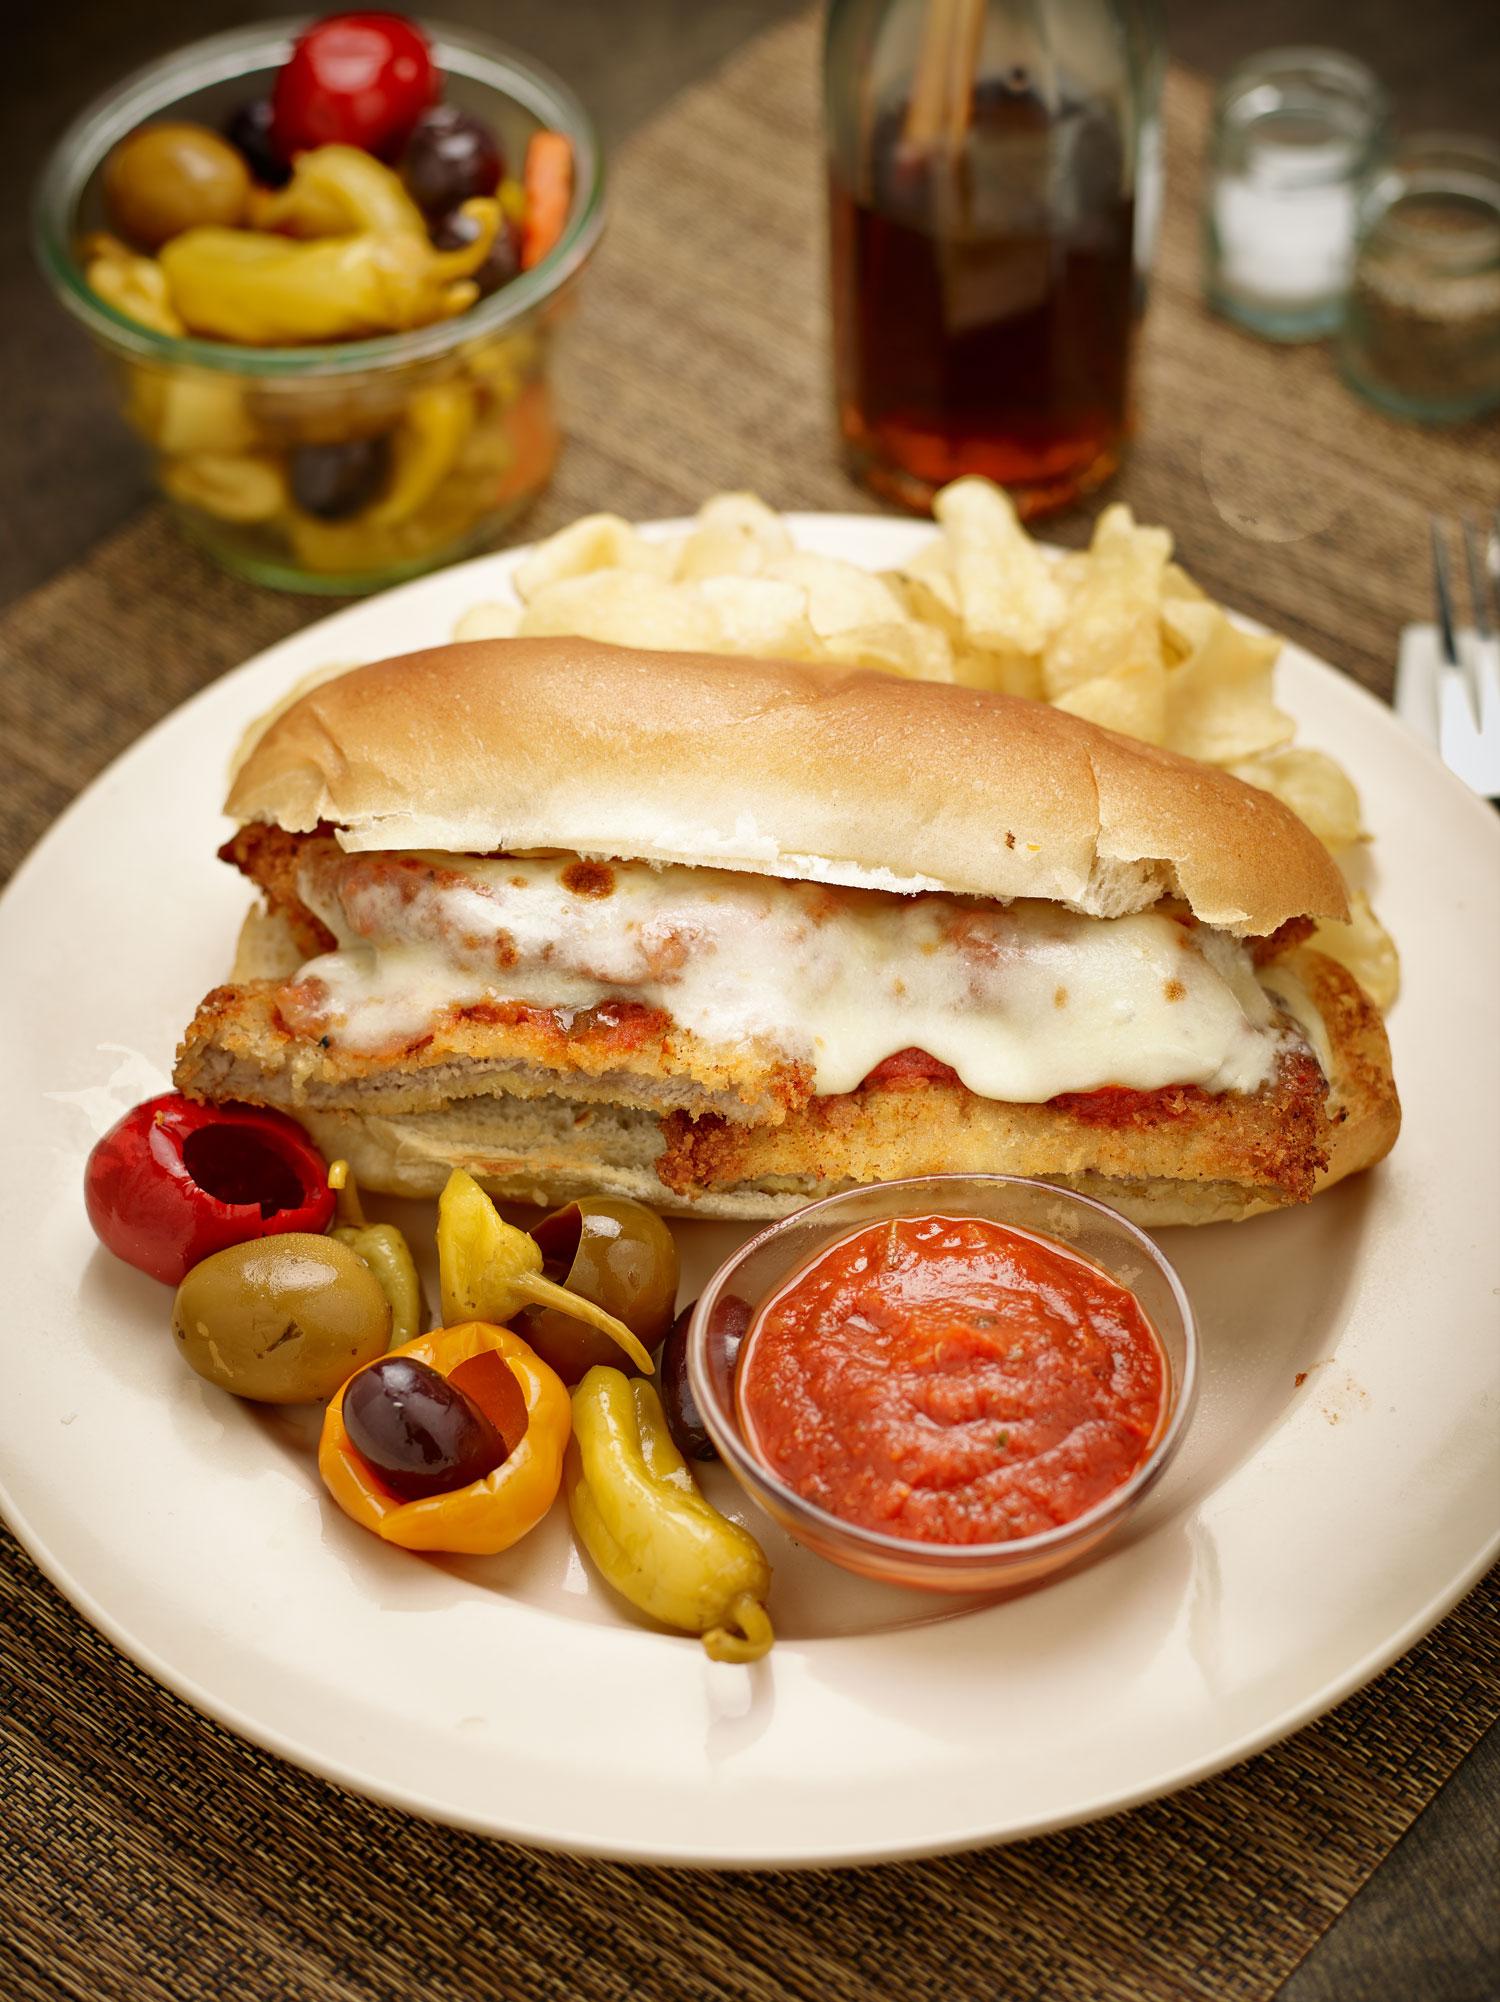 Classic Veal Parmesan Sandwich